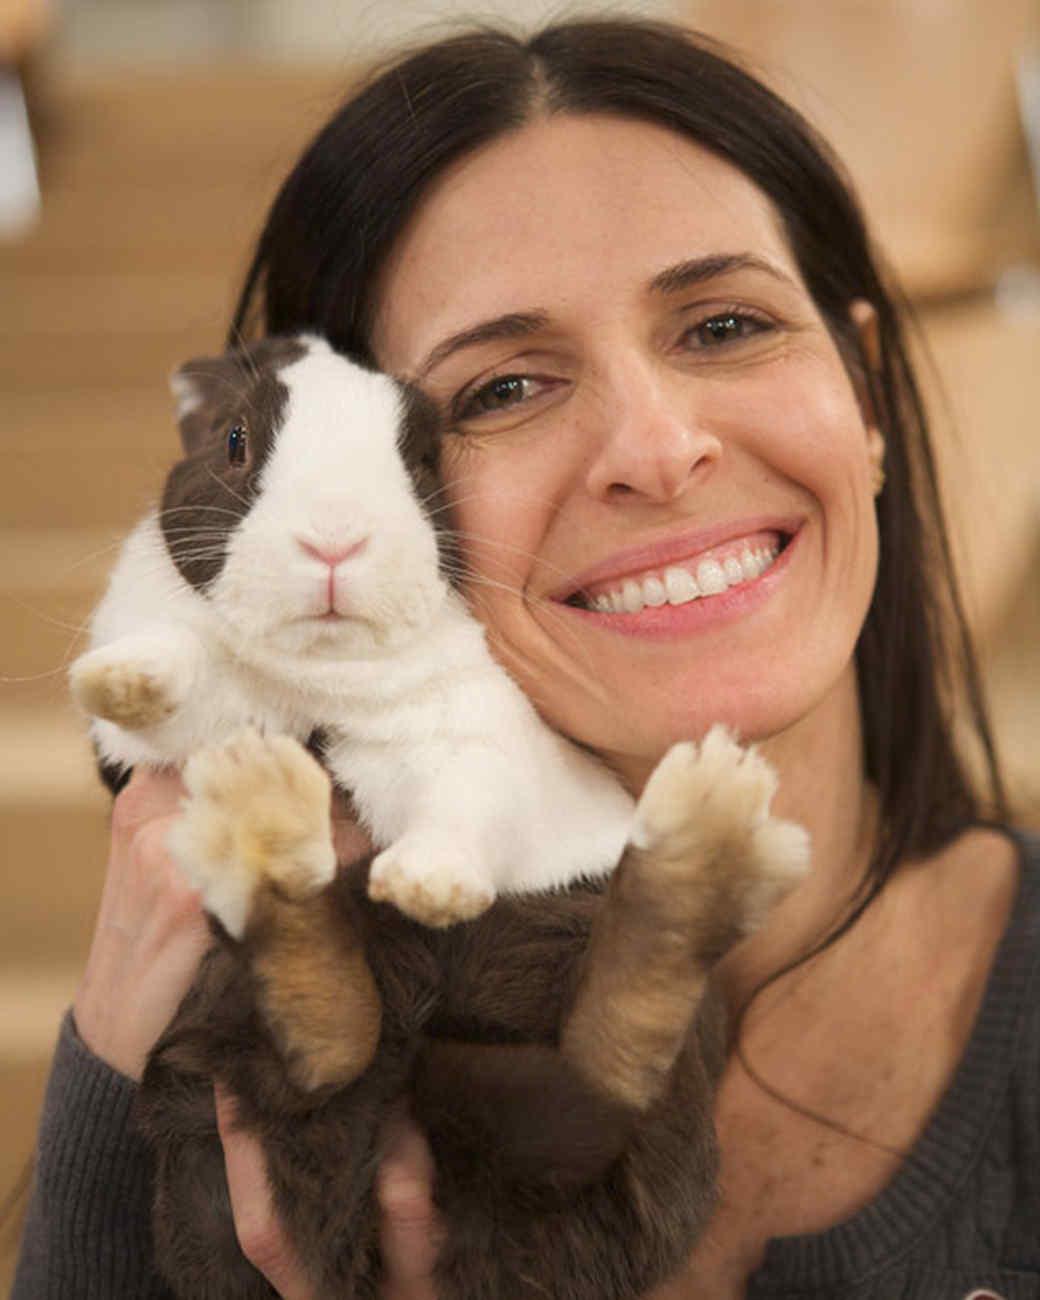 m4126_bunnies75.jpg